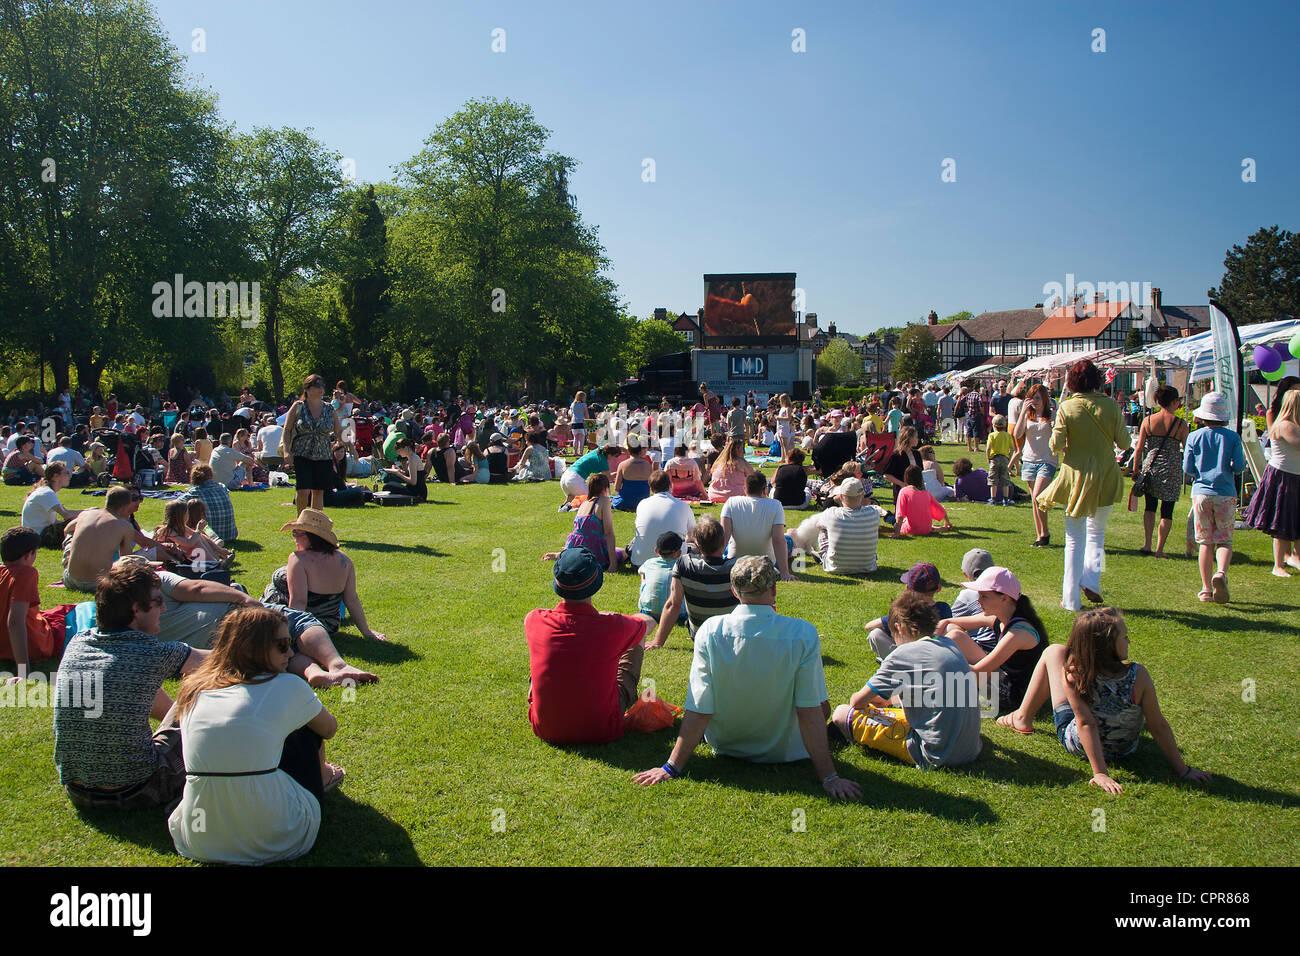 Famiglie guardando un open air cinema mobile in Hall Leys Park, Matlock, Derbyshire, Inghilterra, Regno Unito, su Immagini Stock